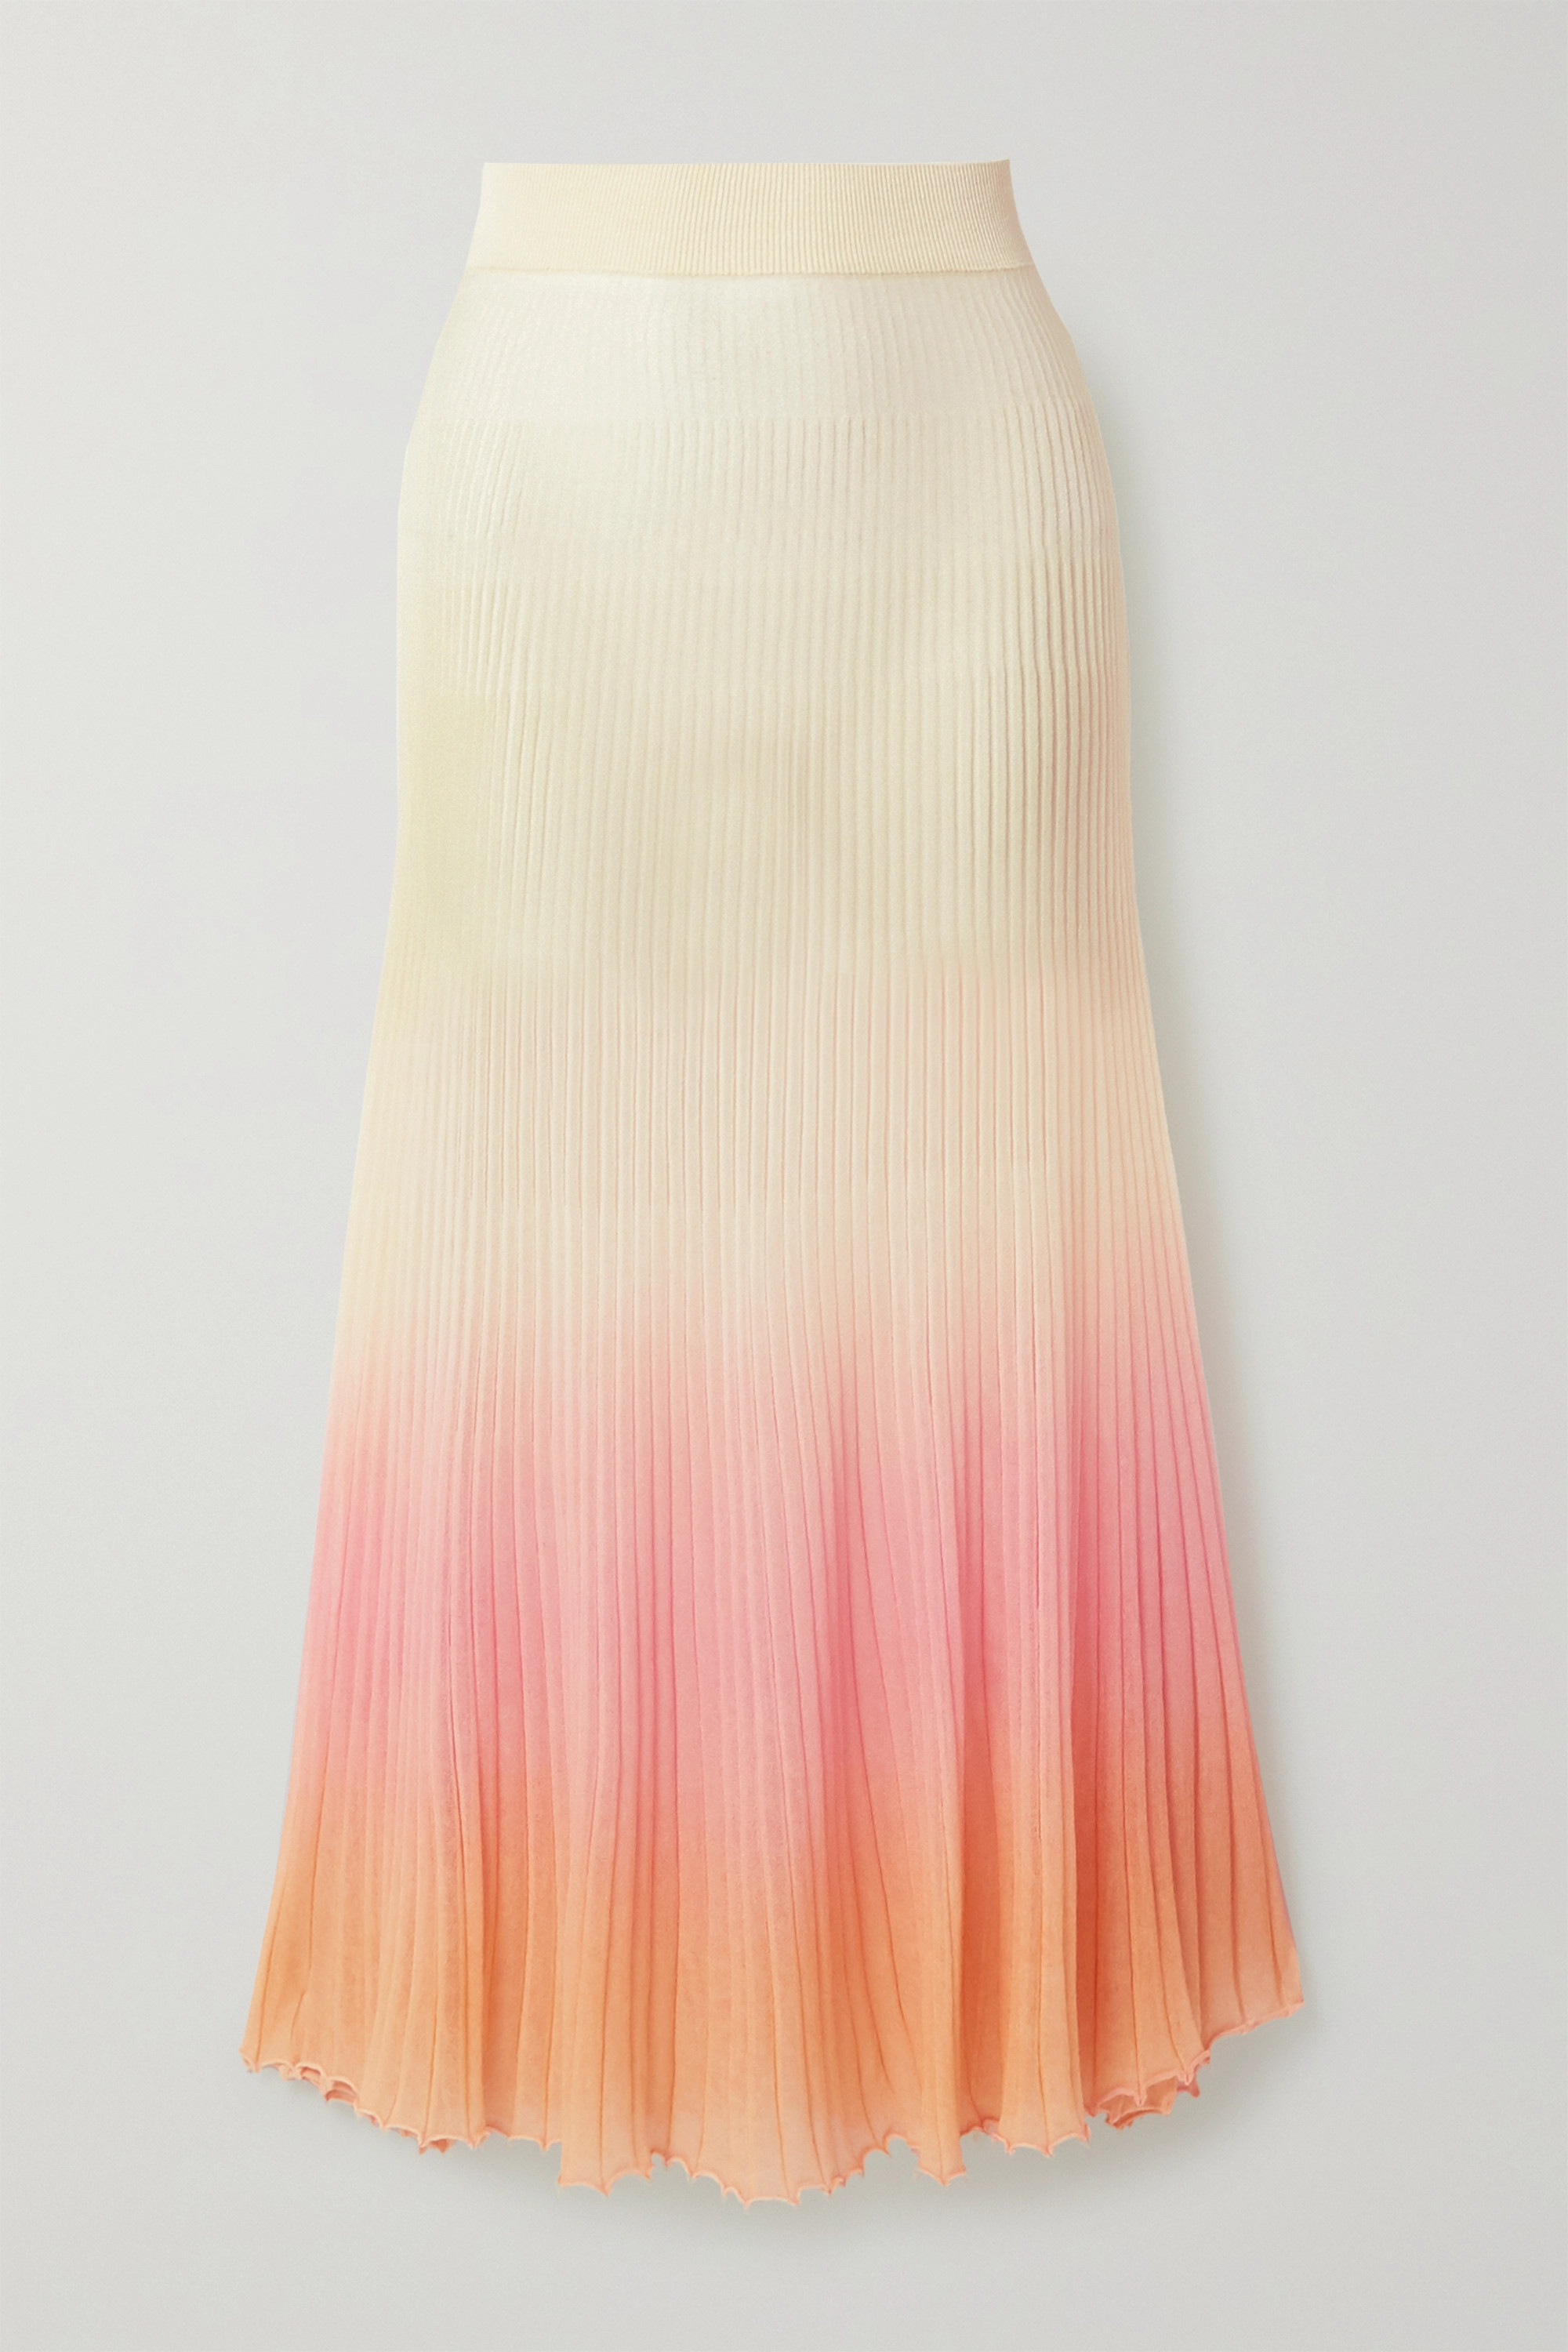 Jacquemus Jupe longue plissée en coton mélangé ombré Helado Longue